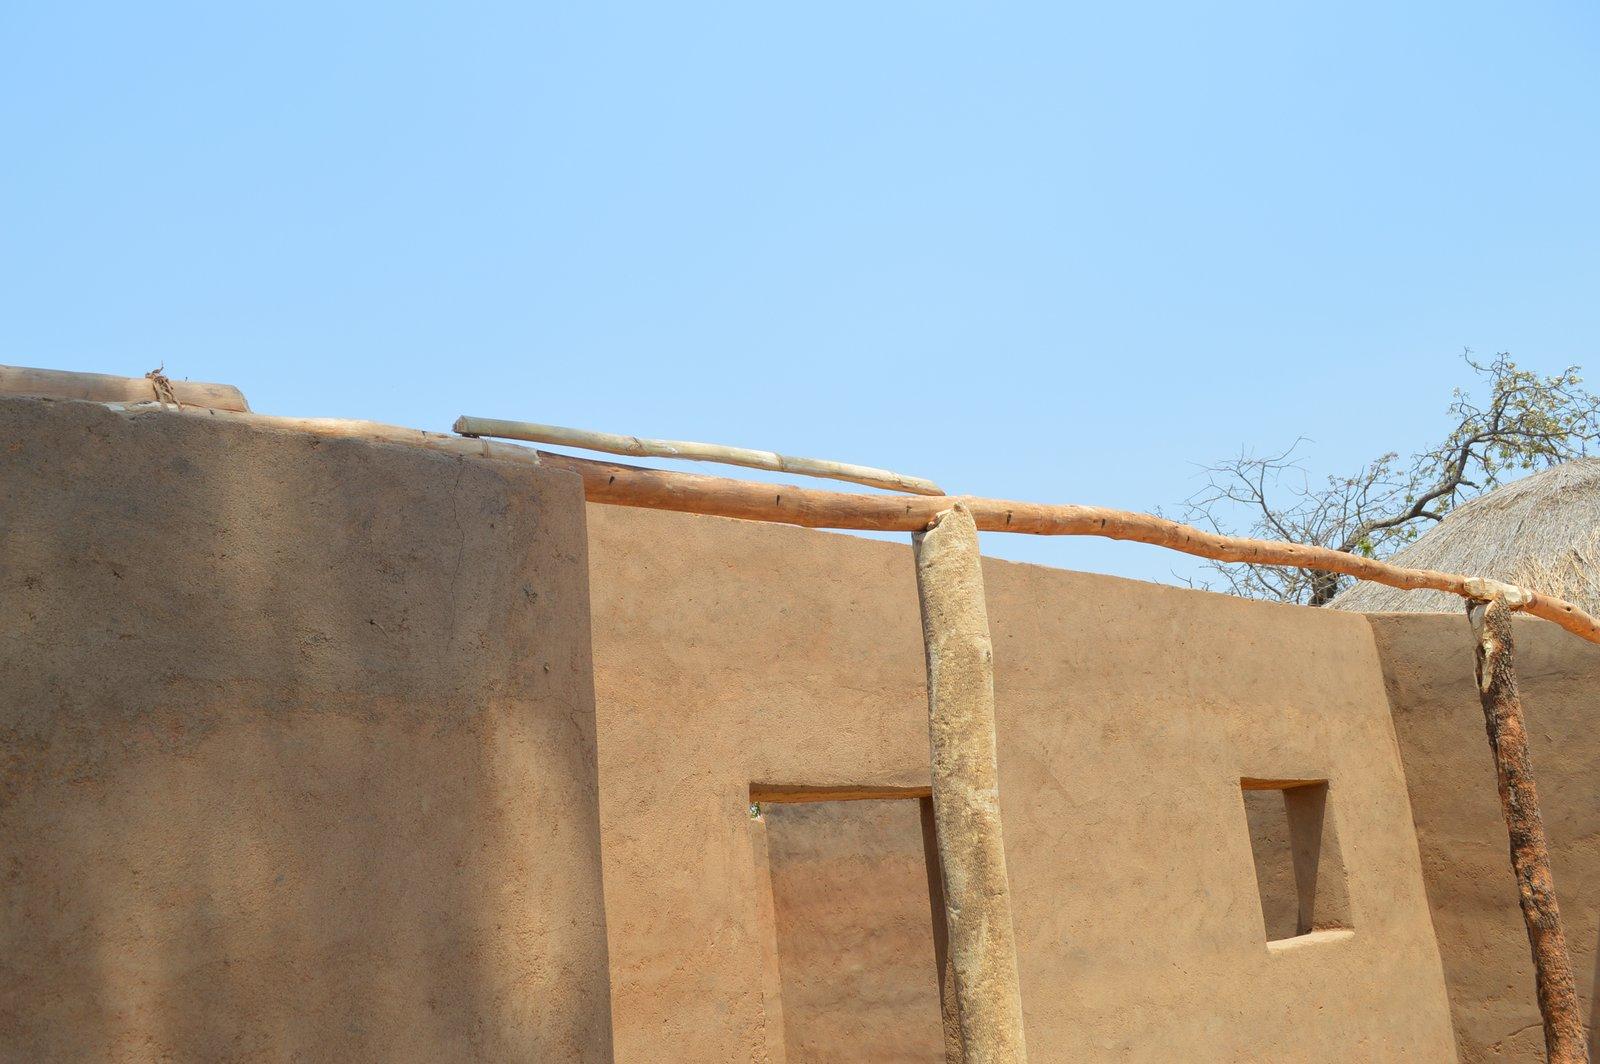 Uliwa, Kasungu (2).JPG